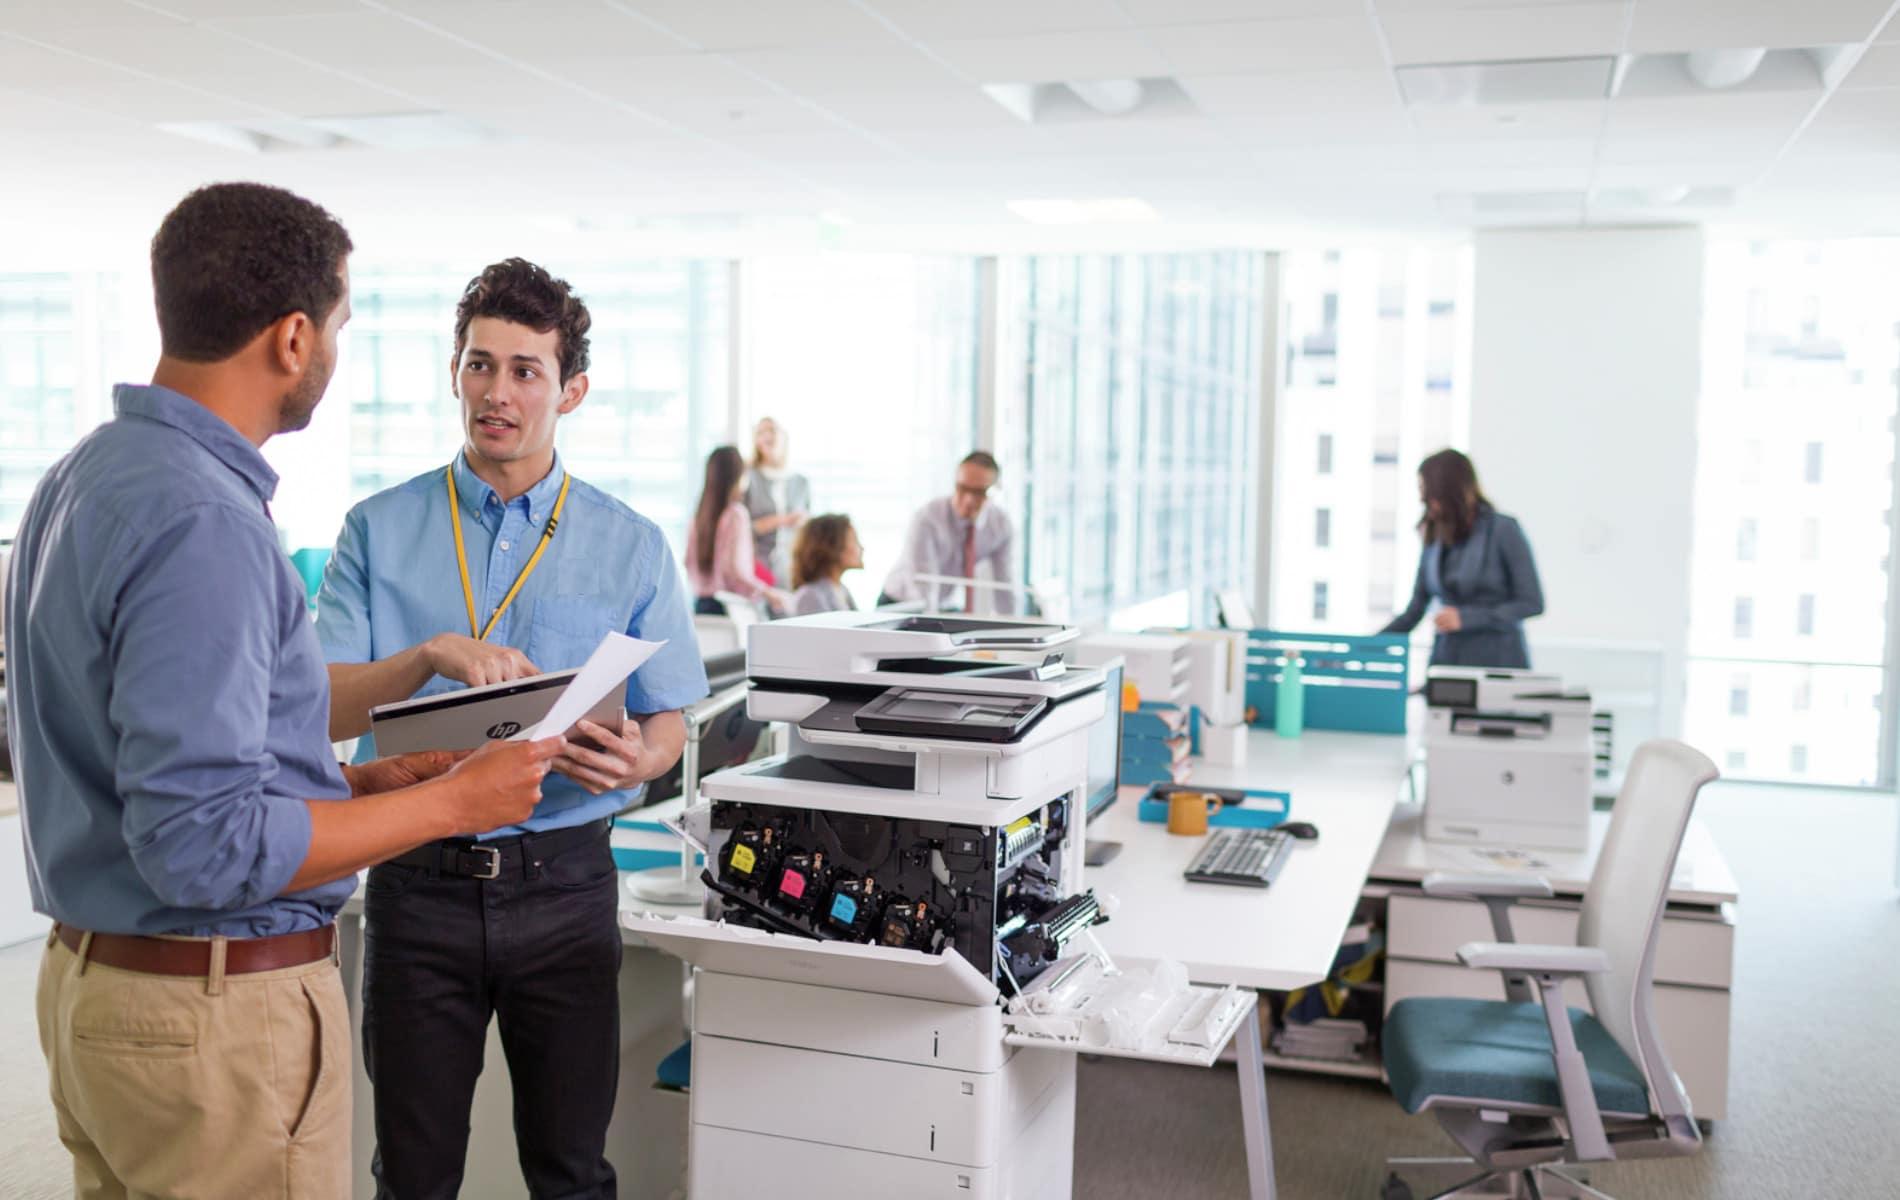 Zeigt der Drucker oder Kopierer offline an, hat das viele Ursachen. Mit einigen Tipps lässt sich der Fehler schnell behebn.